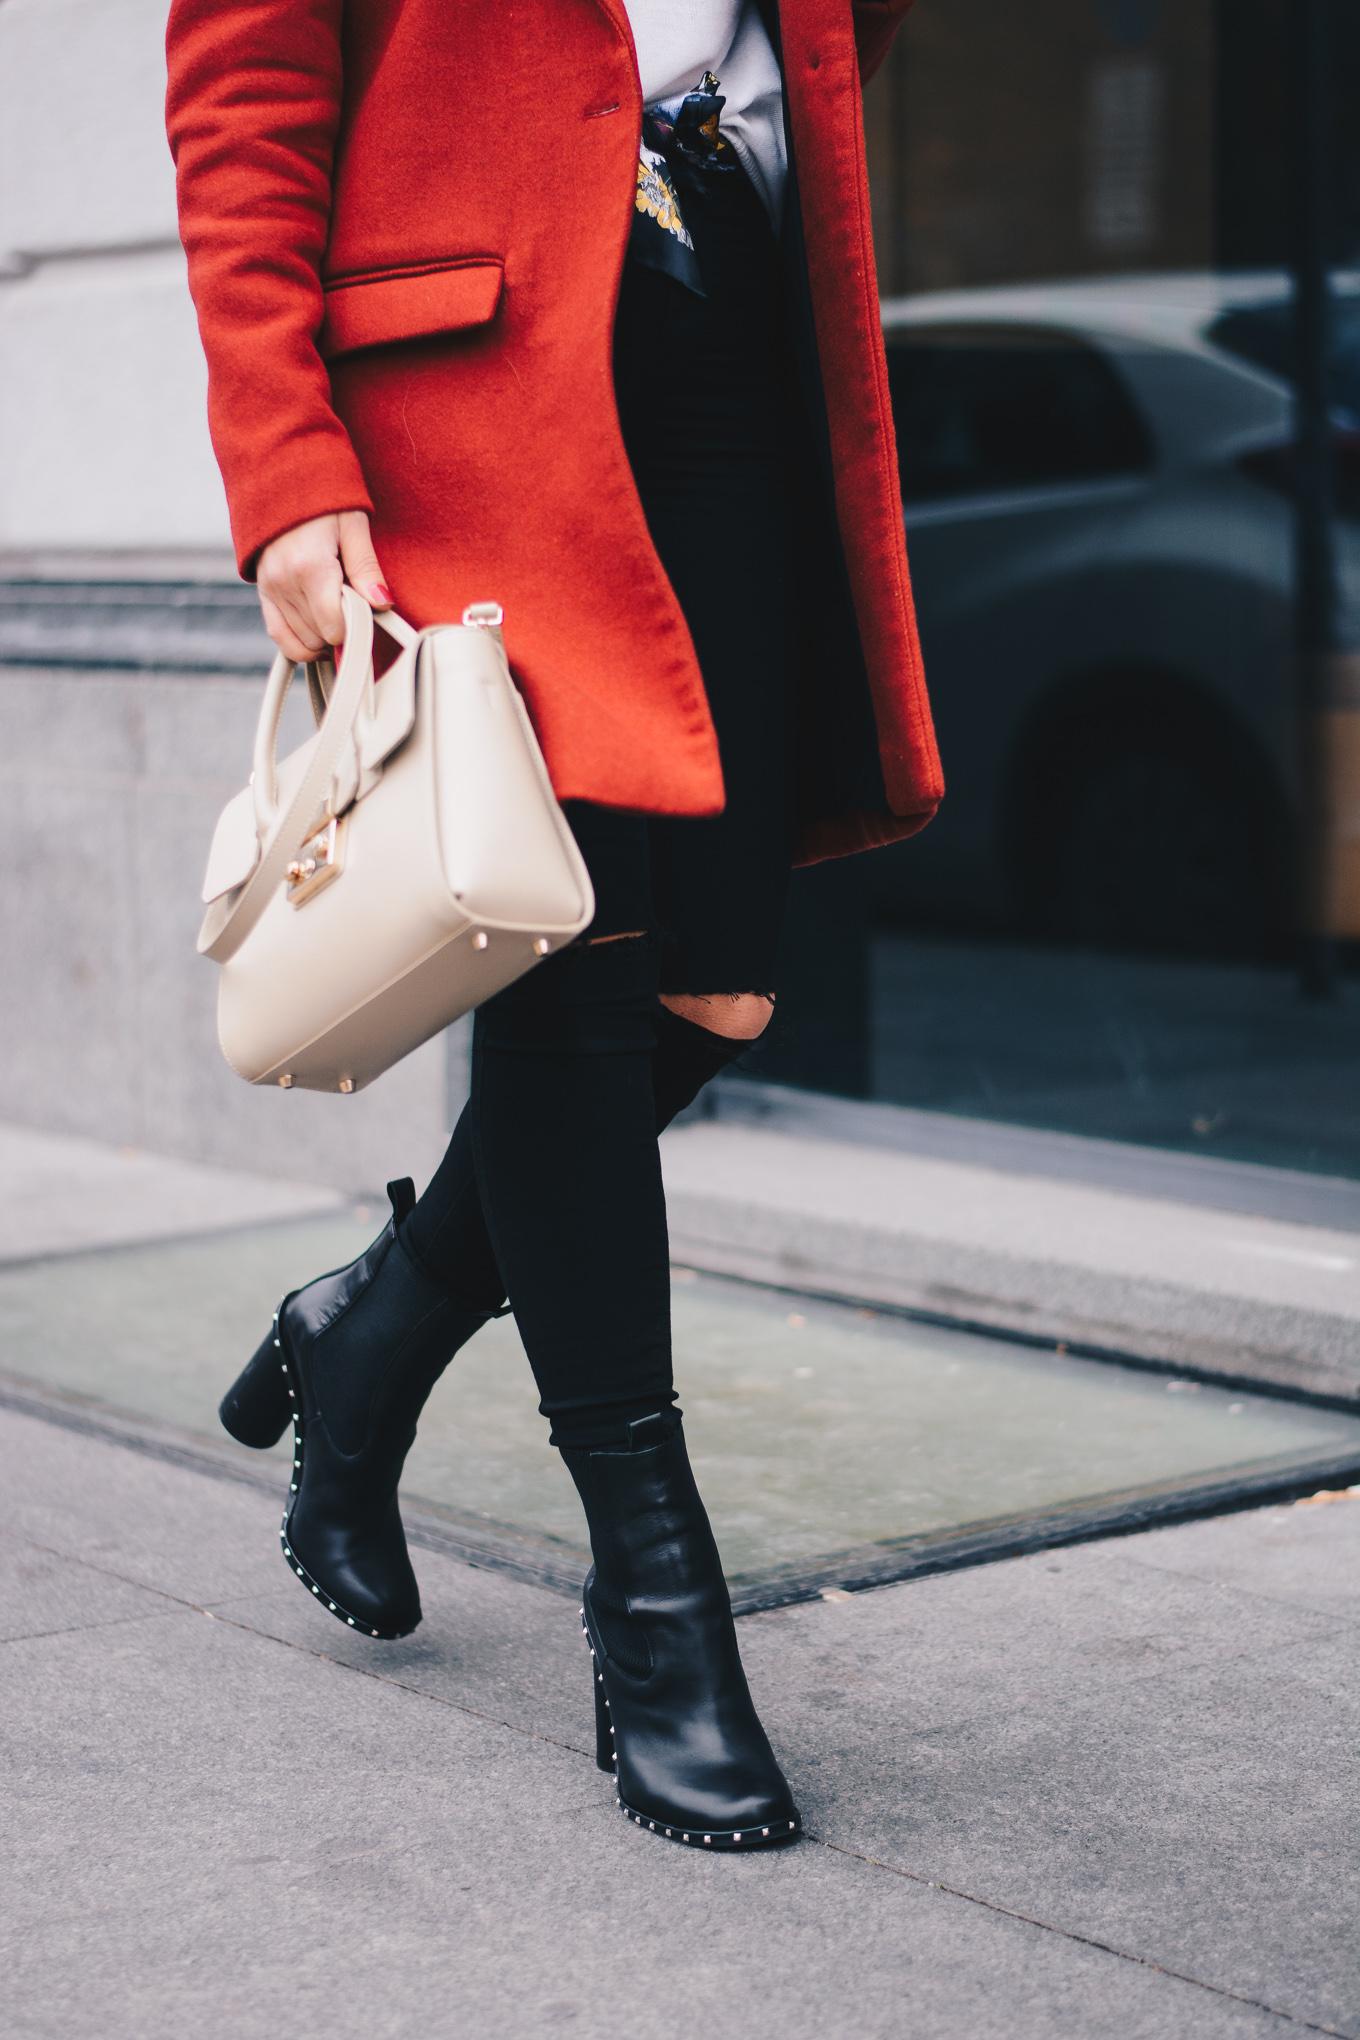 Ingiliz leather ankle boots